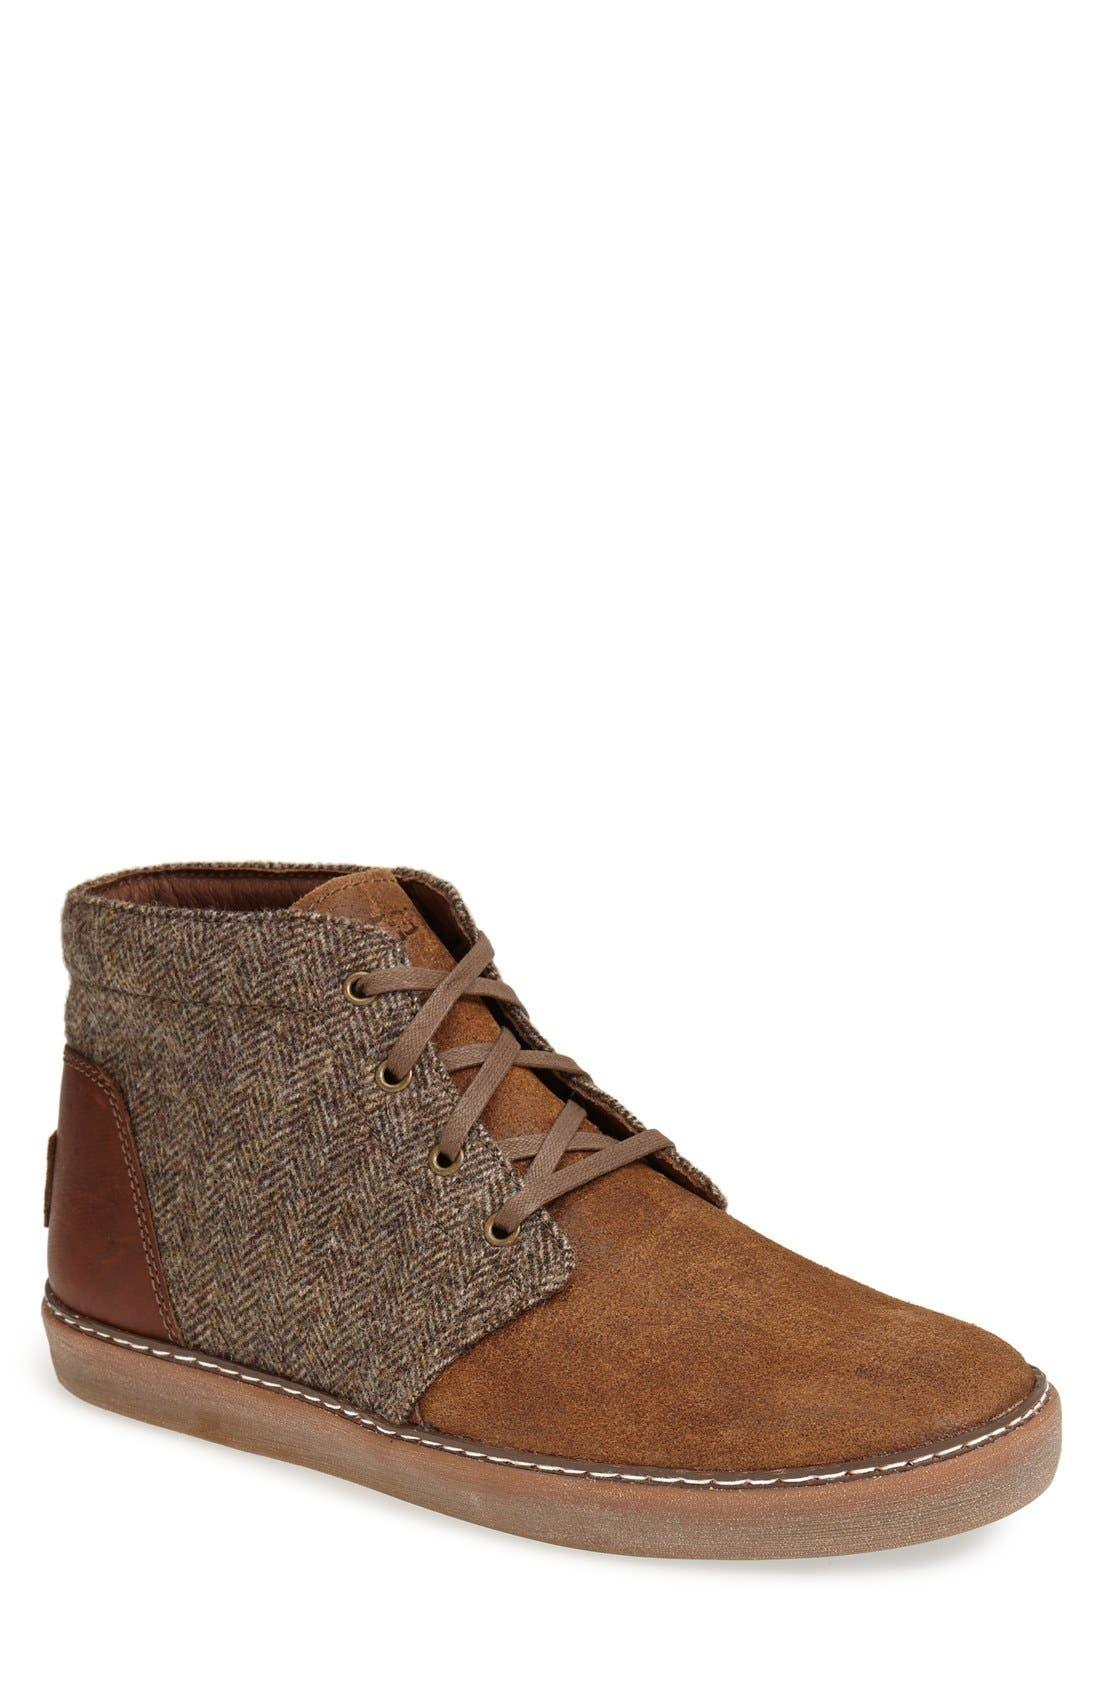 Main Image - UGG® 'Alin' Tweed Chukka Boot (Men)